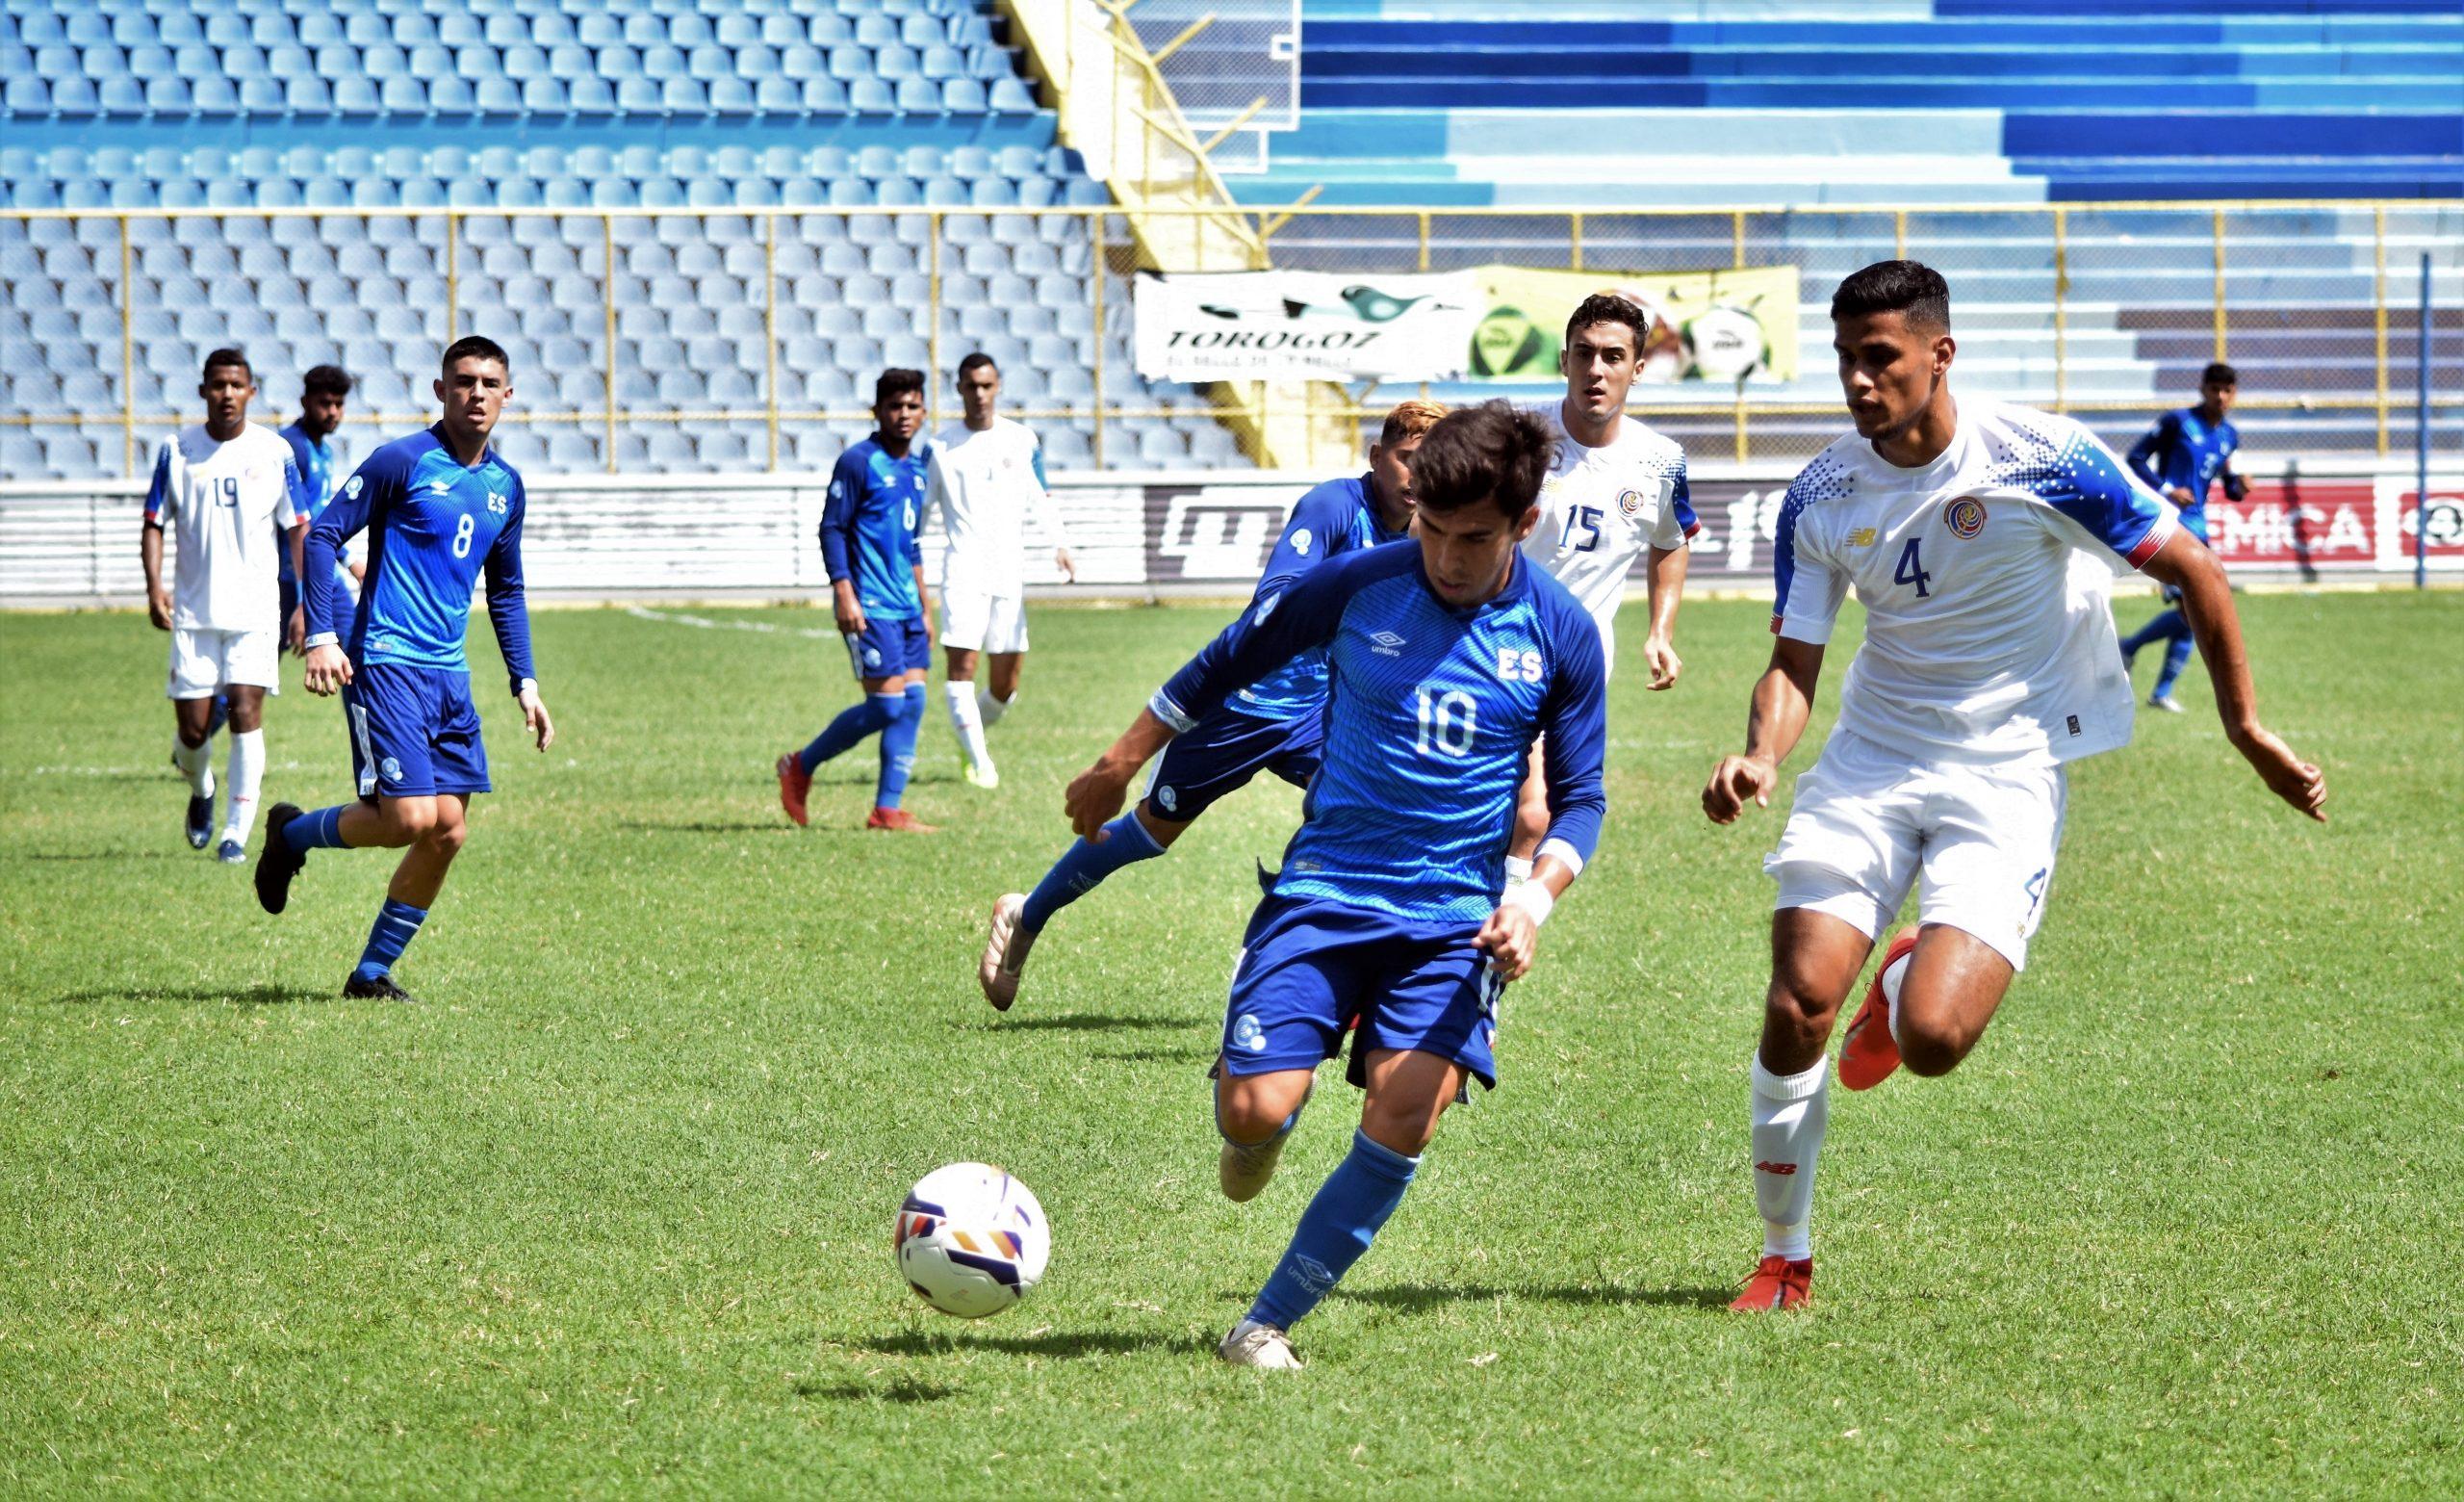 Eliminatoria final de CONCACAF para Juegos Olimpicos de Tokio, Japon 2020.  El Salvador en grupo B. DSC_3843-scaled